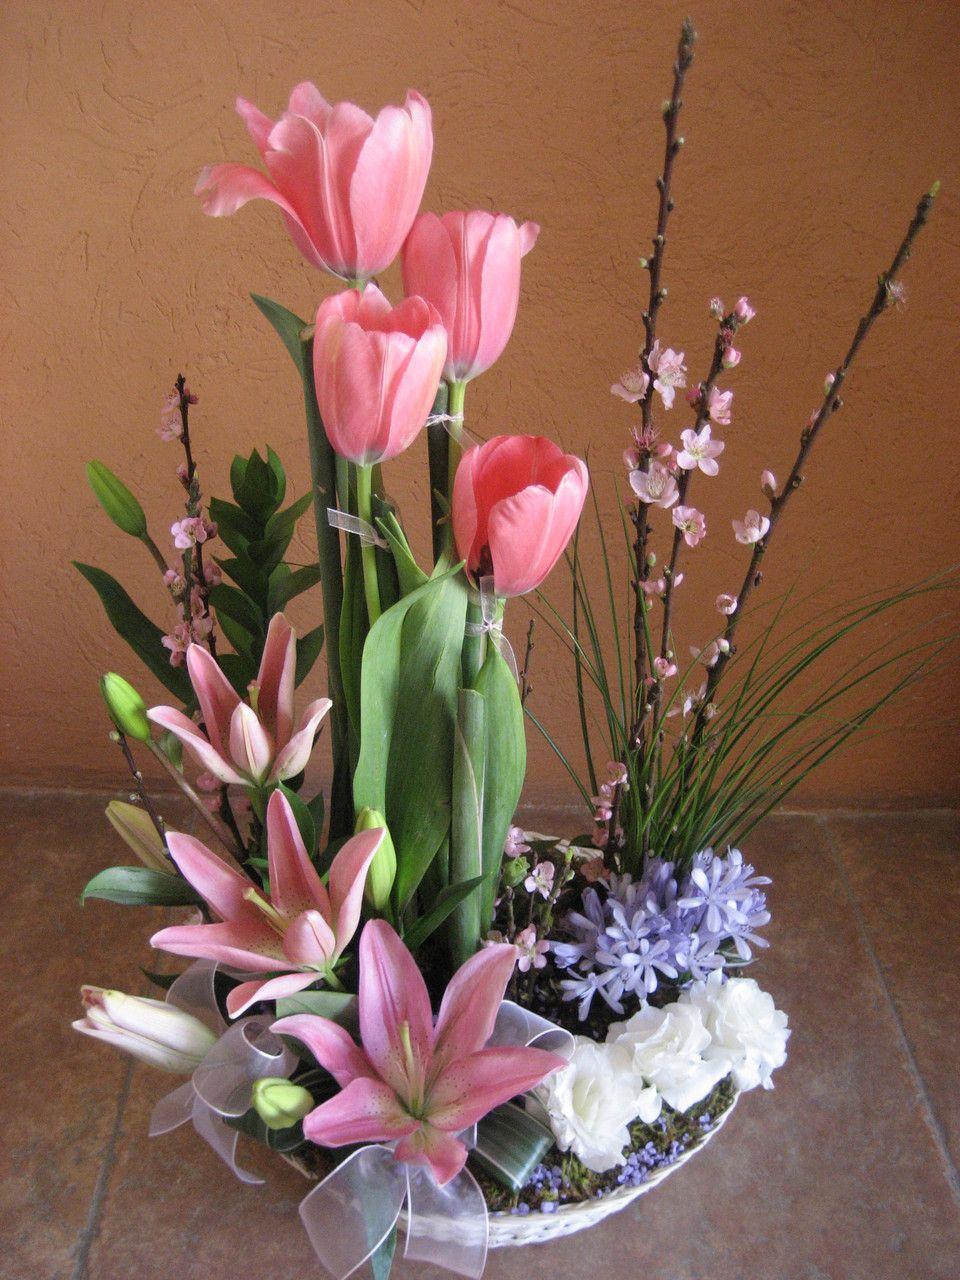 Disenos Florales Floreria Cattleya En Nuevo Vallarta Cattleya Flower Shop We Are Lo Arreglos Florales Artificiales Arreglos Florales Bellos Arreglos Florales